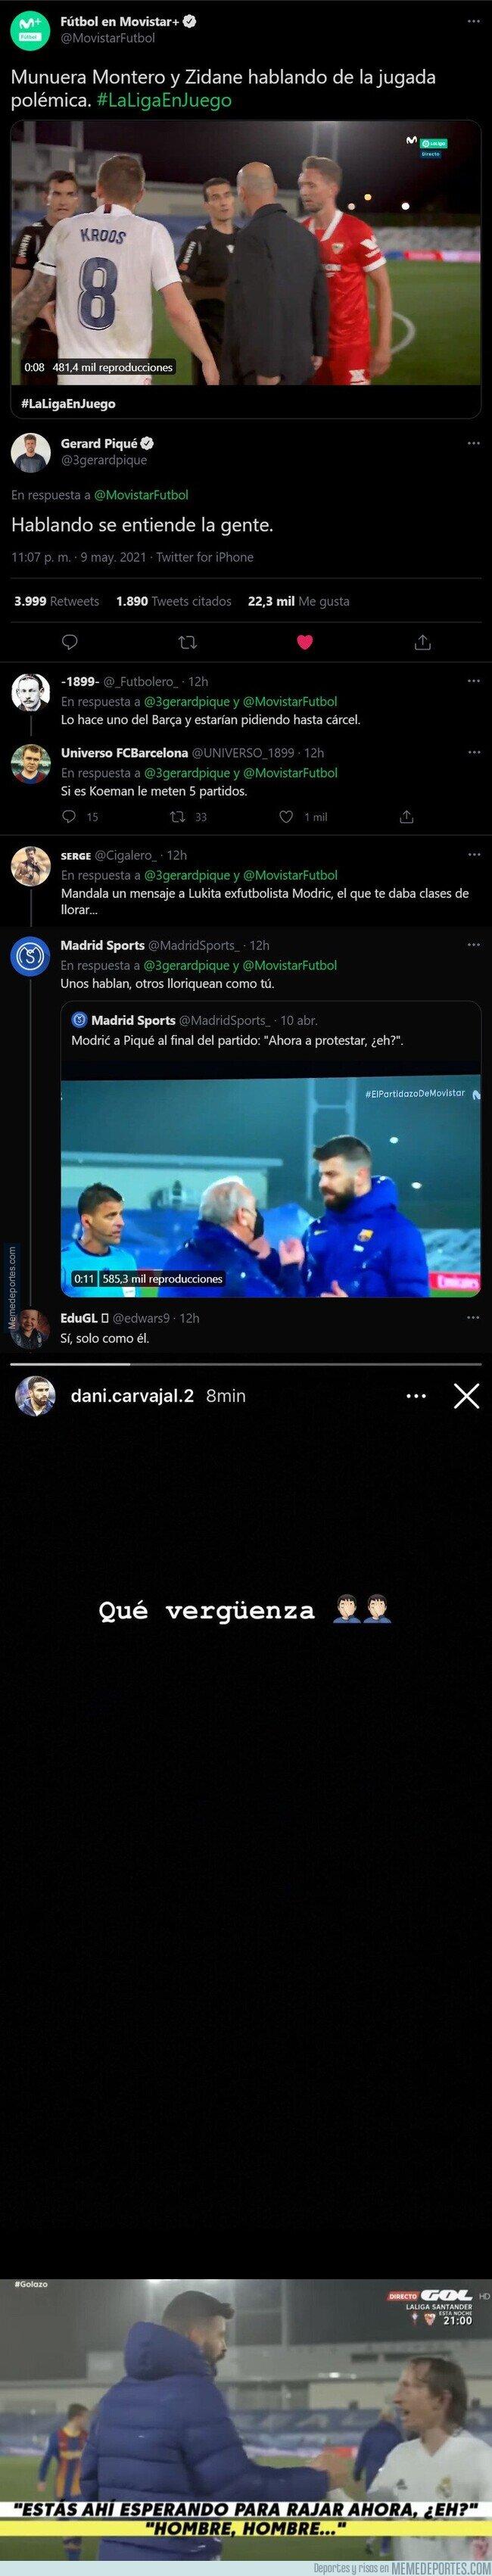 1134780 - La sacada monumental de Piqué en esta respuesta tras ver a Zidane quejándose al árbitro por la mano de Militao